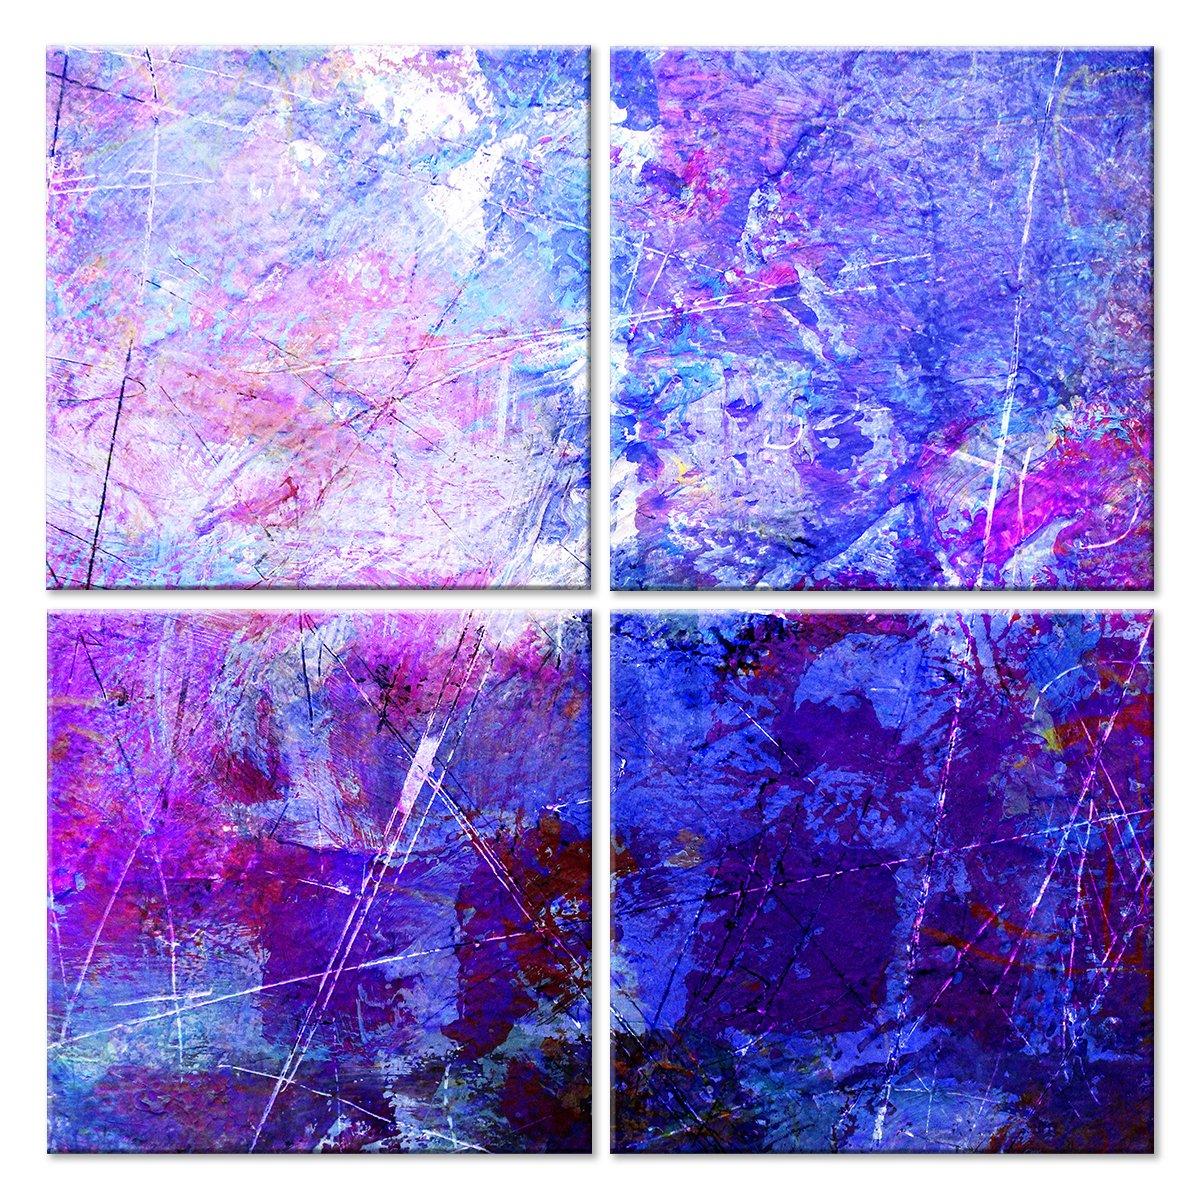 Модульная картина «Лед»Абстракция<br>Модульная картина на натуральном холсте и деревянном подрамнике. Подвес в комплекте. Трехслойная надежная упаковка. Доставим в любую точку России. Вам осталось только повесить картину на стену!<br>